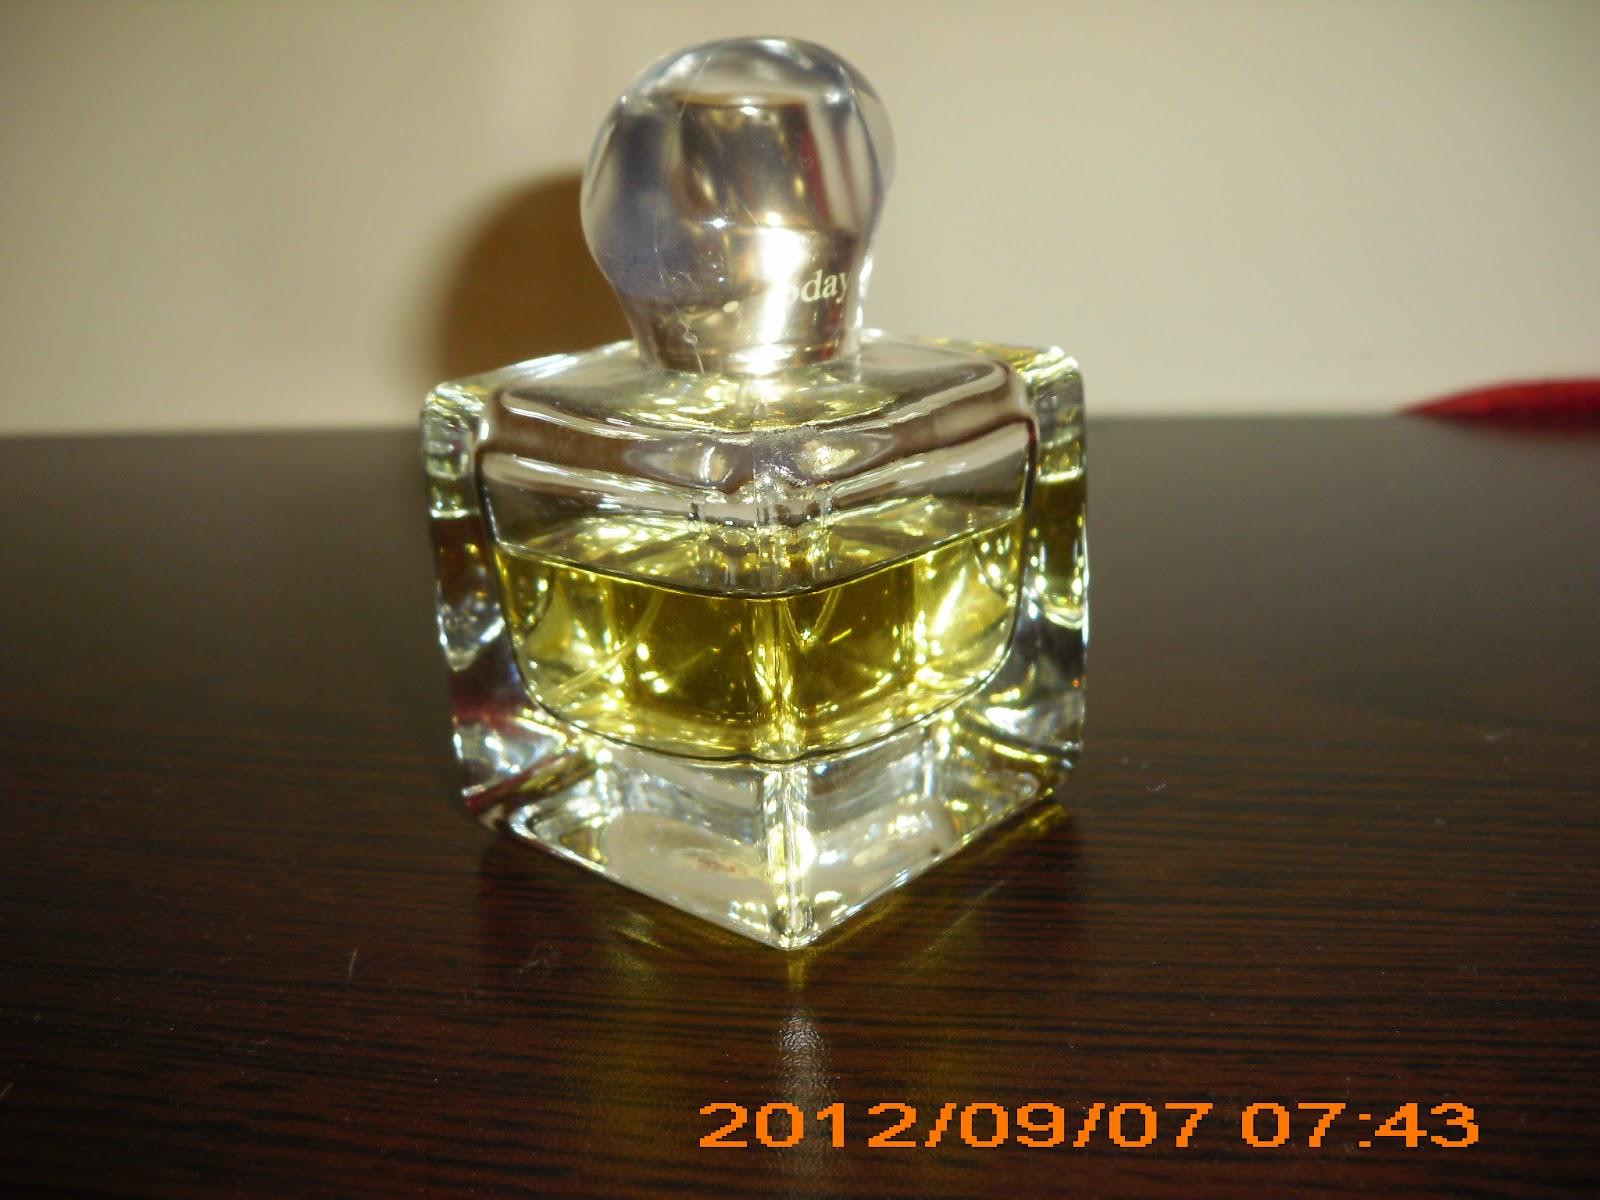 Pembe Günlük Avon Today Parfüm Deniyoruz